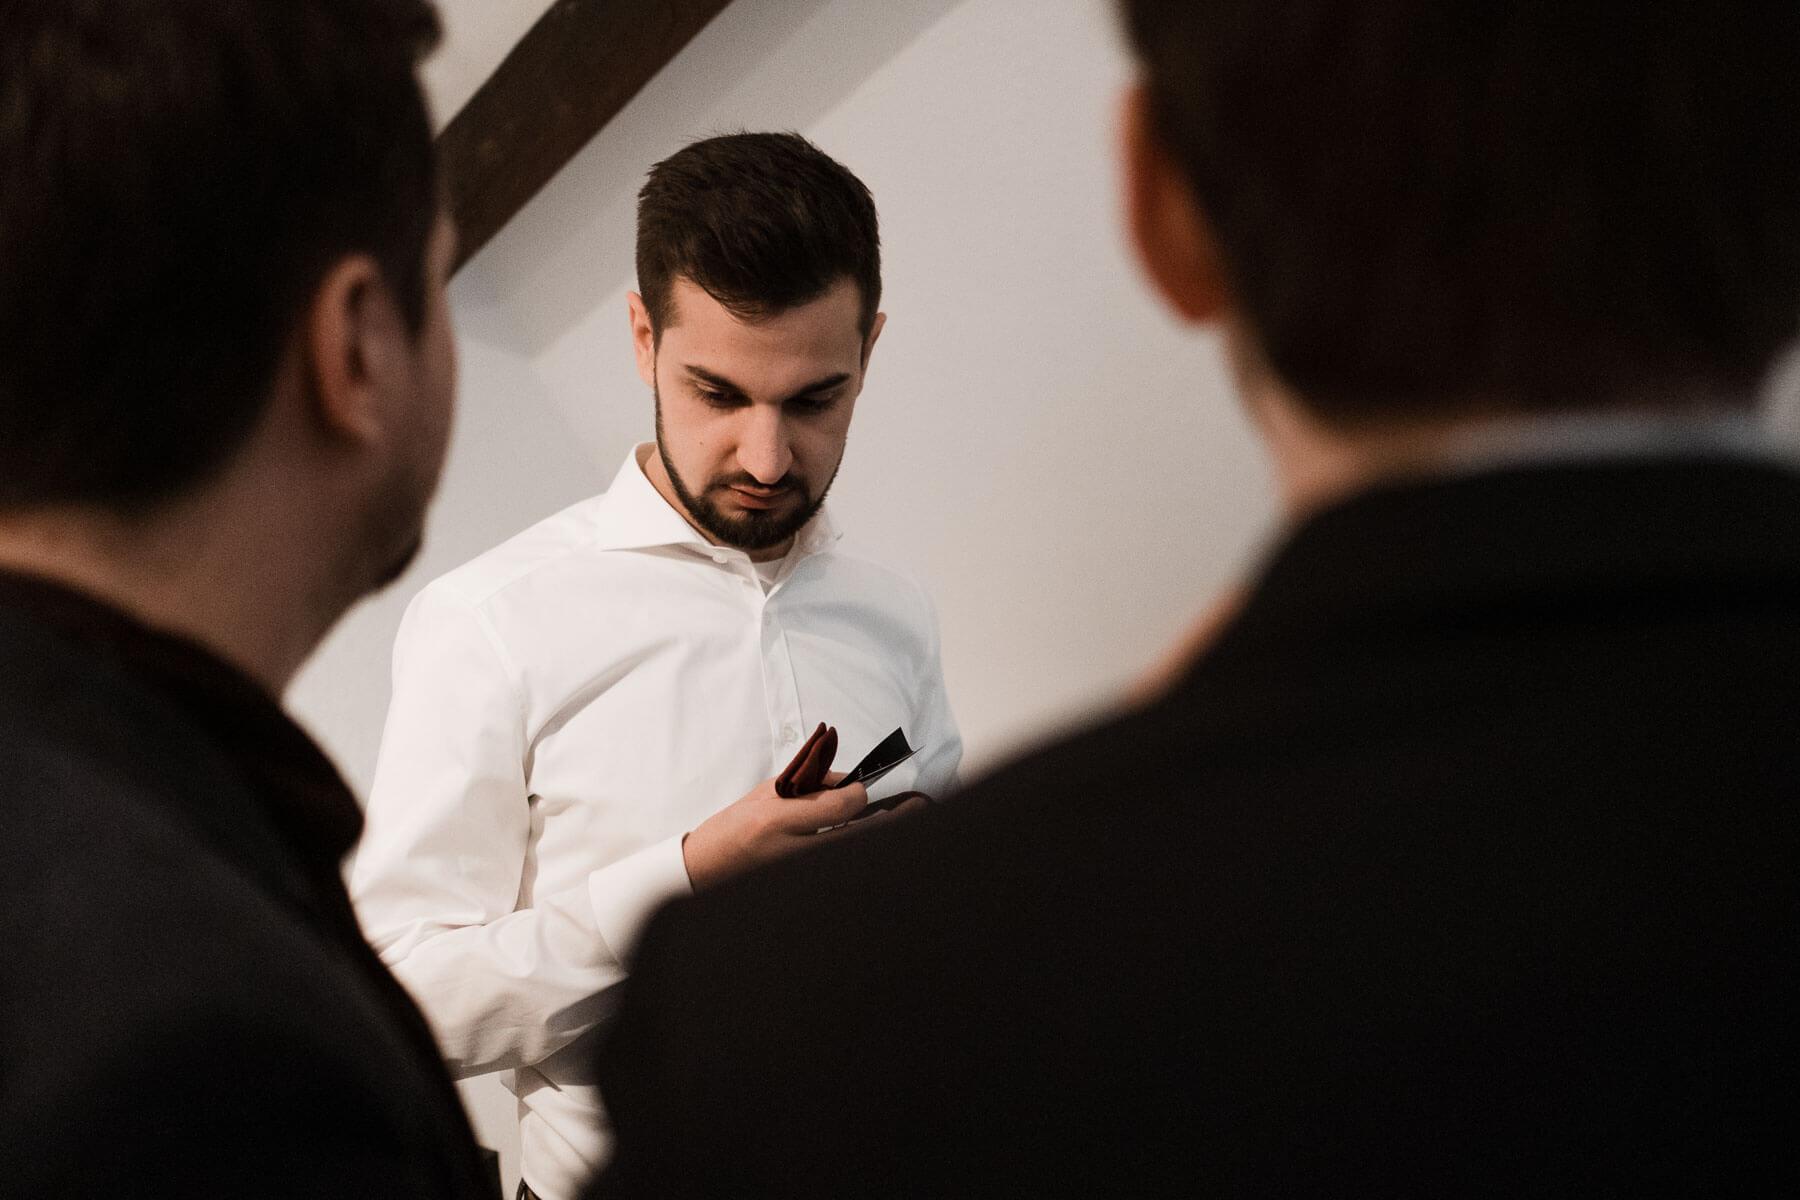 der Bräutigam steht in einem Raum, er trägt ein weißes Hemd und schaut auf sein Smartphone, vor ihm stehen 2 weitere Männer